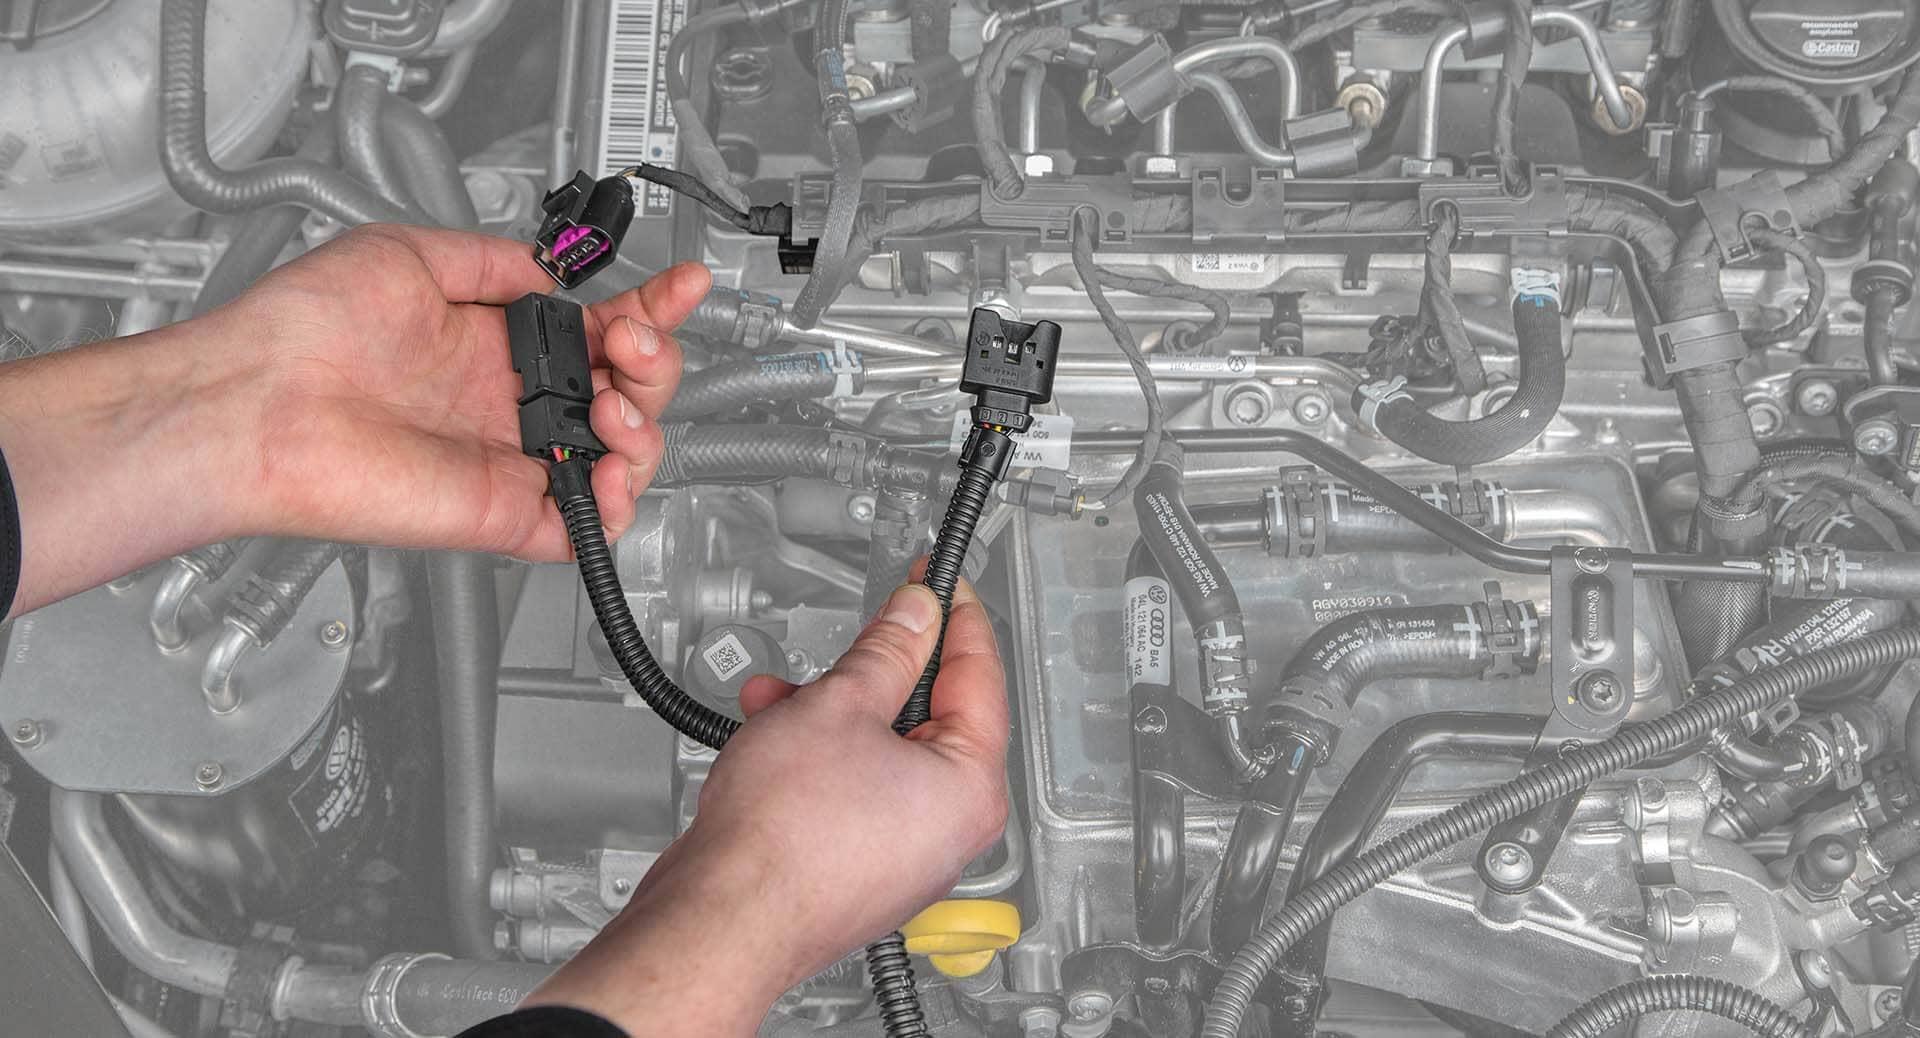 Chiptuning Einbau Alles Zum Ihres Racechip Ford 1210 Wiring Common Rail Sensor A